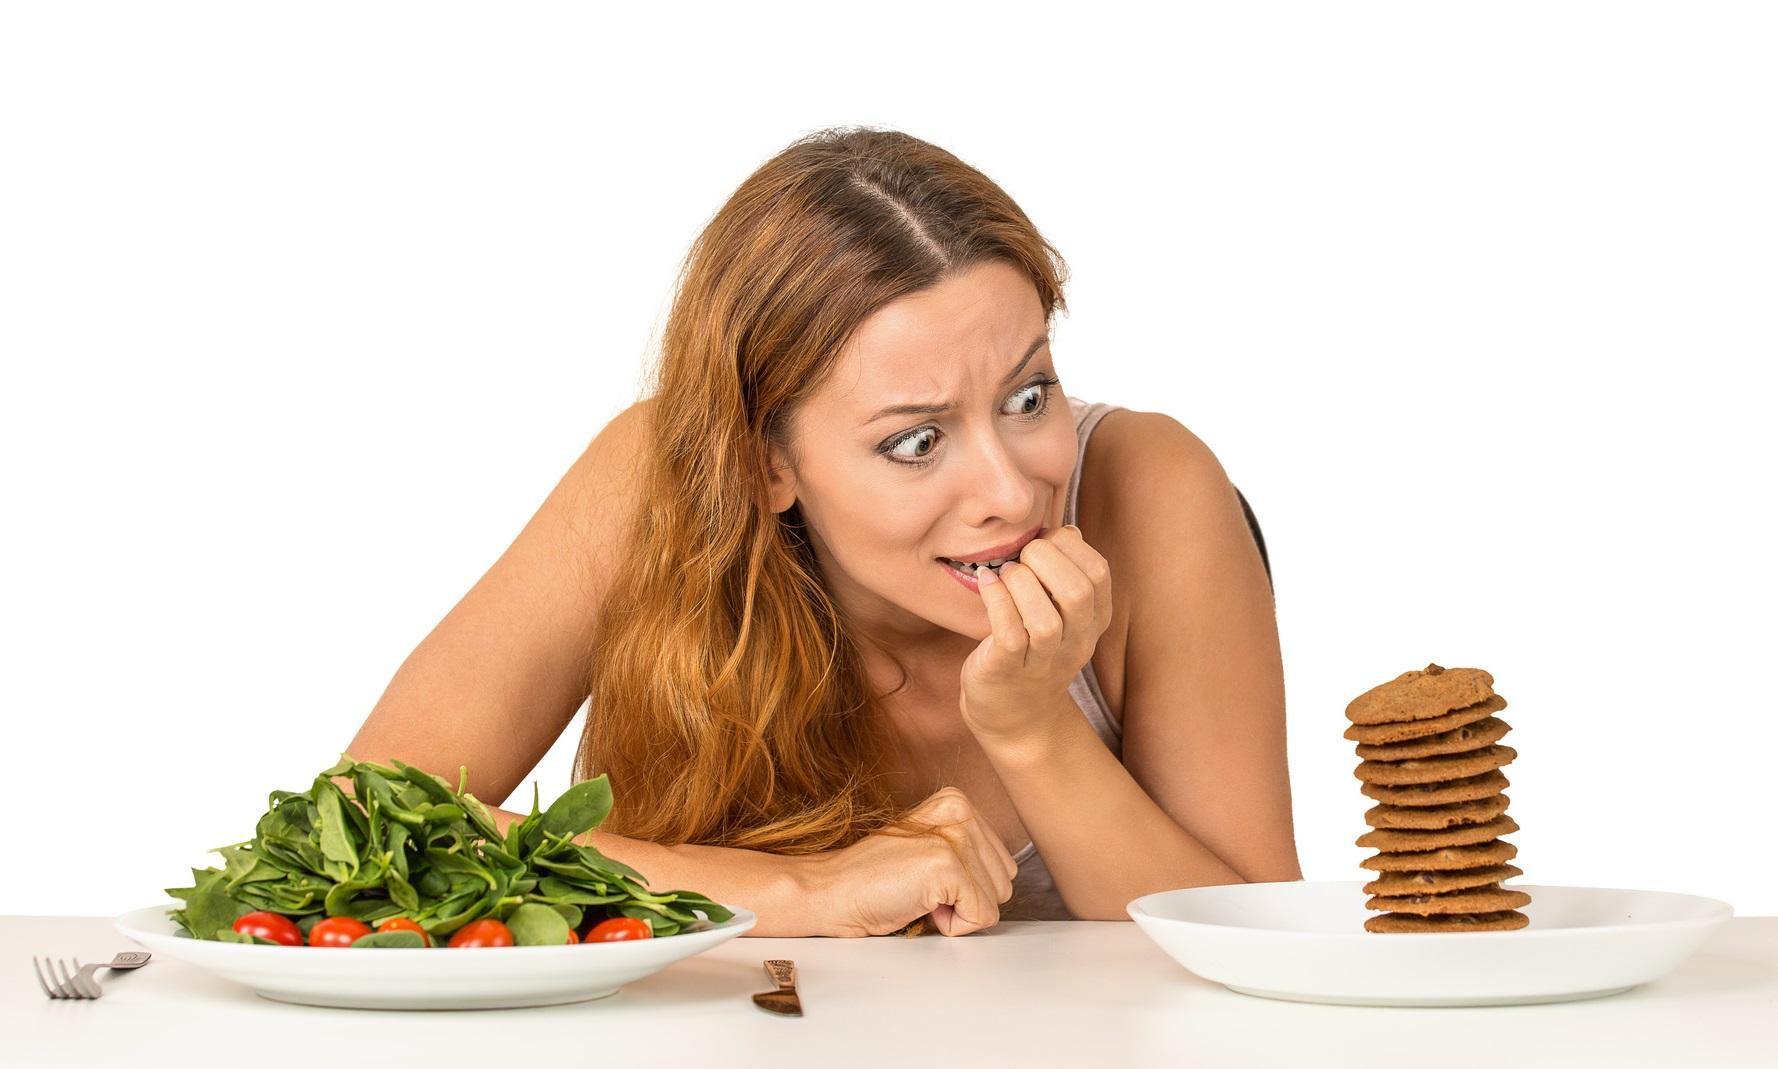 Осознанное (интуитивное) питание – почему привычная еда не дает вам перейти на него